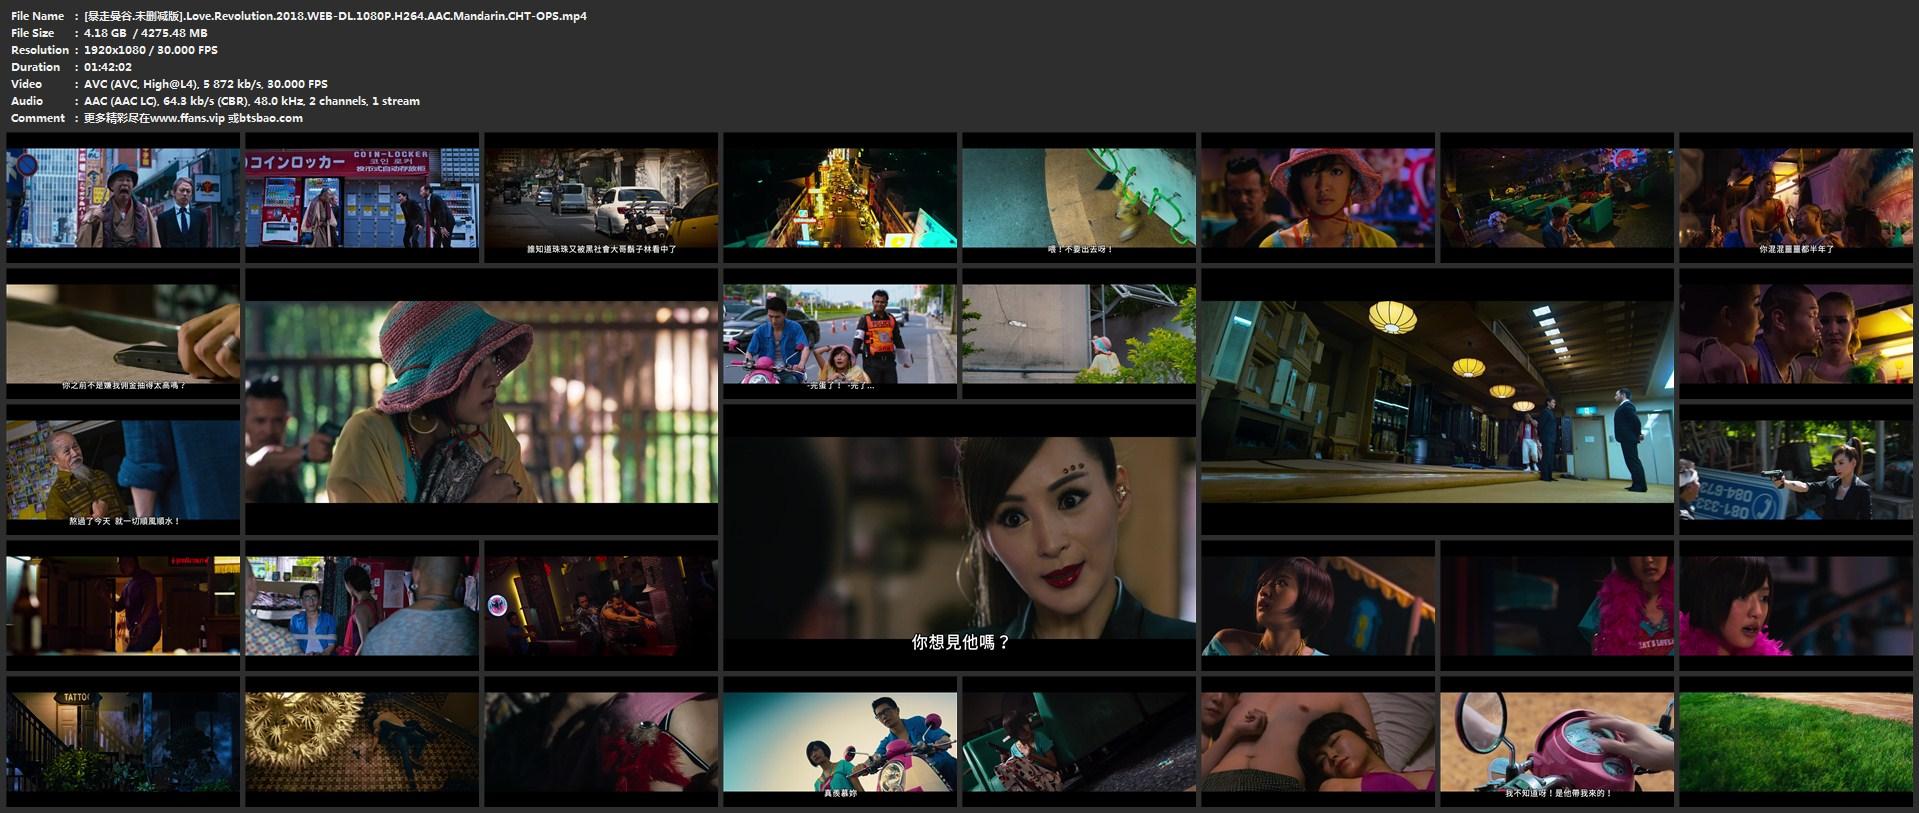 悠悠MP4_MP4电影下载_[暴走曼谷.未删减版][WEB-MP4/4.17G][1080P][原声官方中繁]